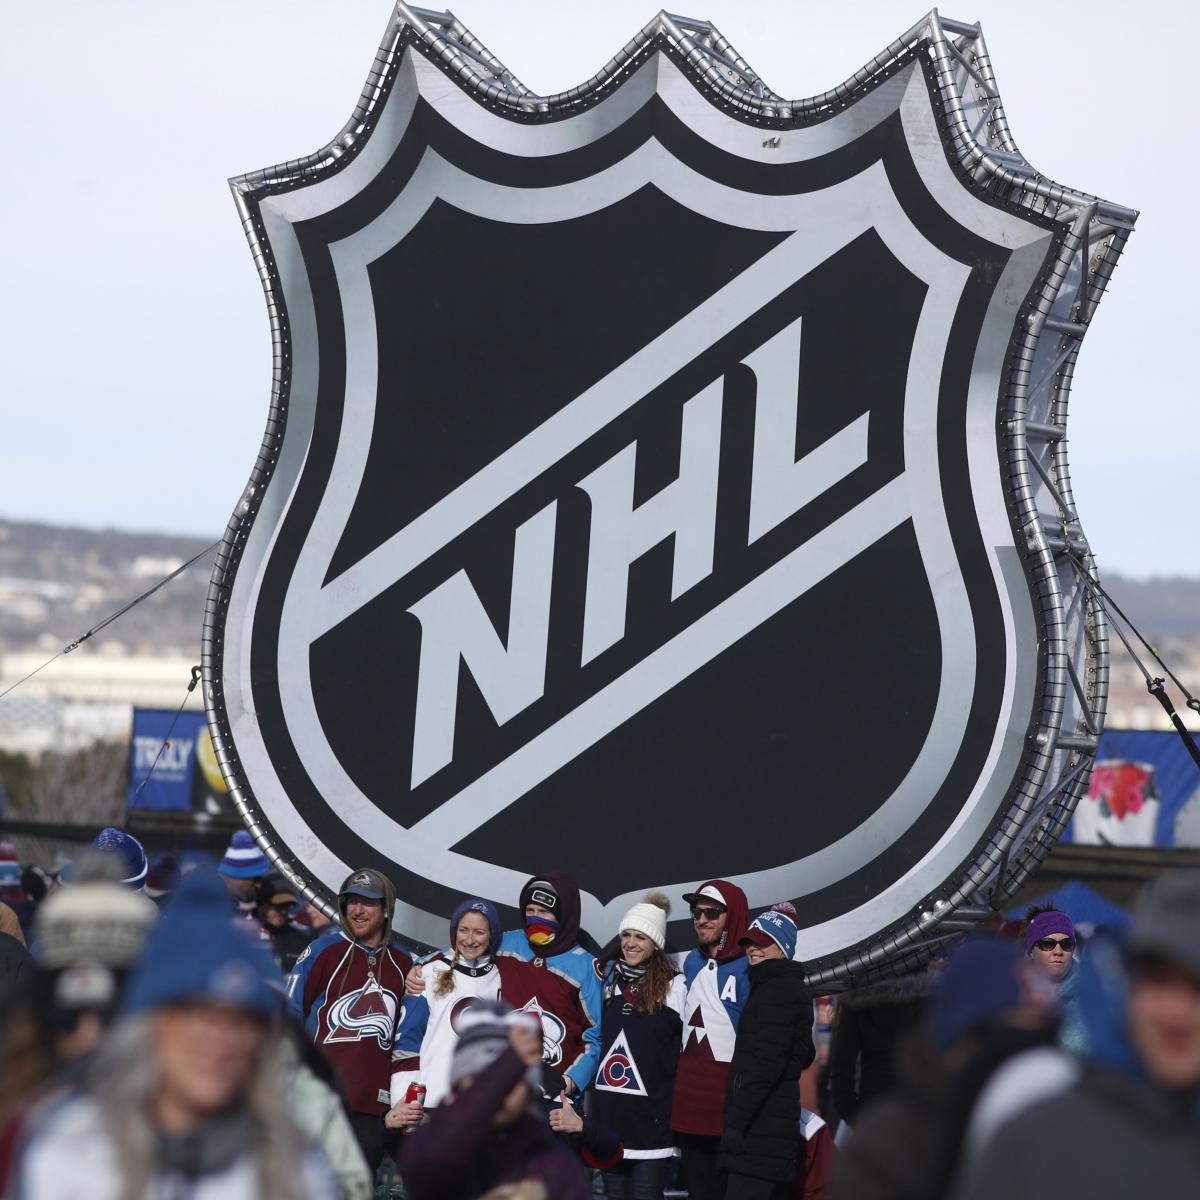 NHL Free Agency: Latest News, Predictions for Ilya Kovalchuk, Zdeno Chara, More